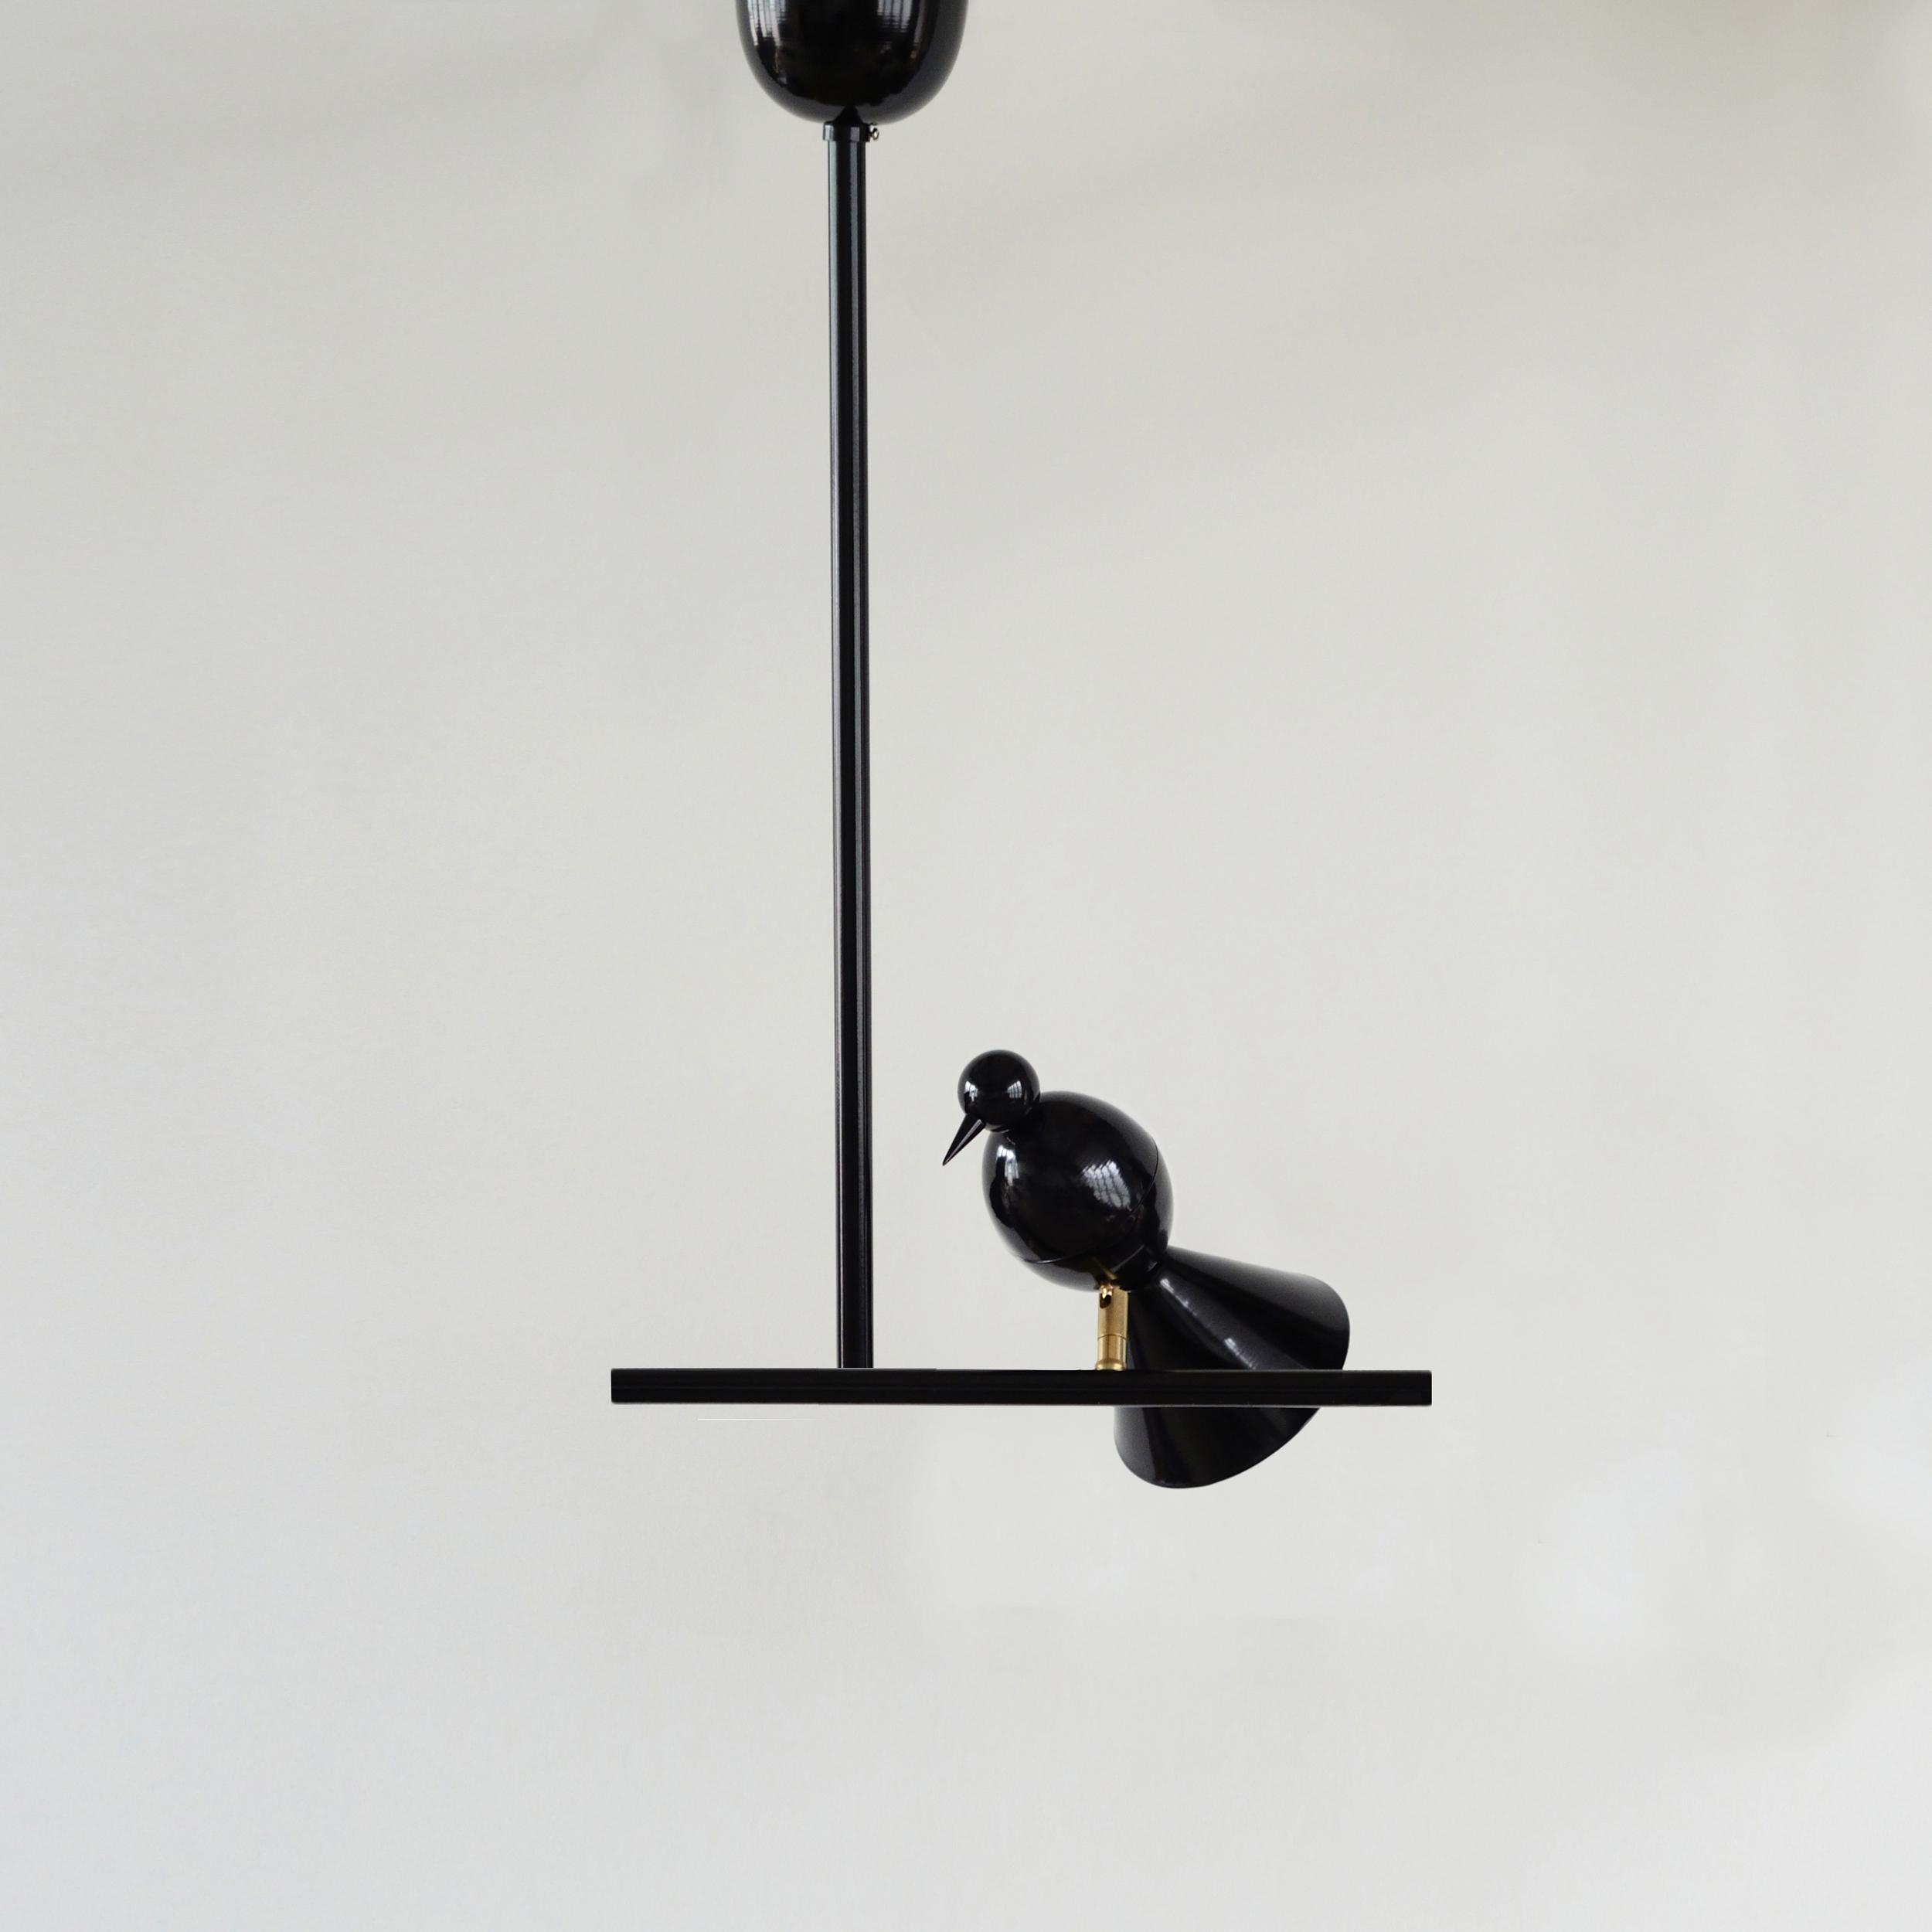 Alouette-black-ceiling-t-1-white.jpg